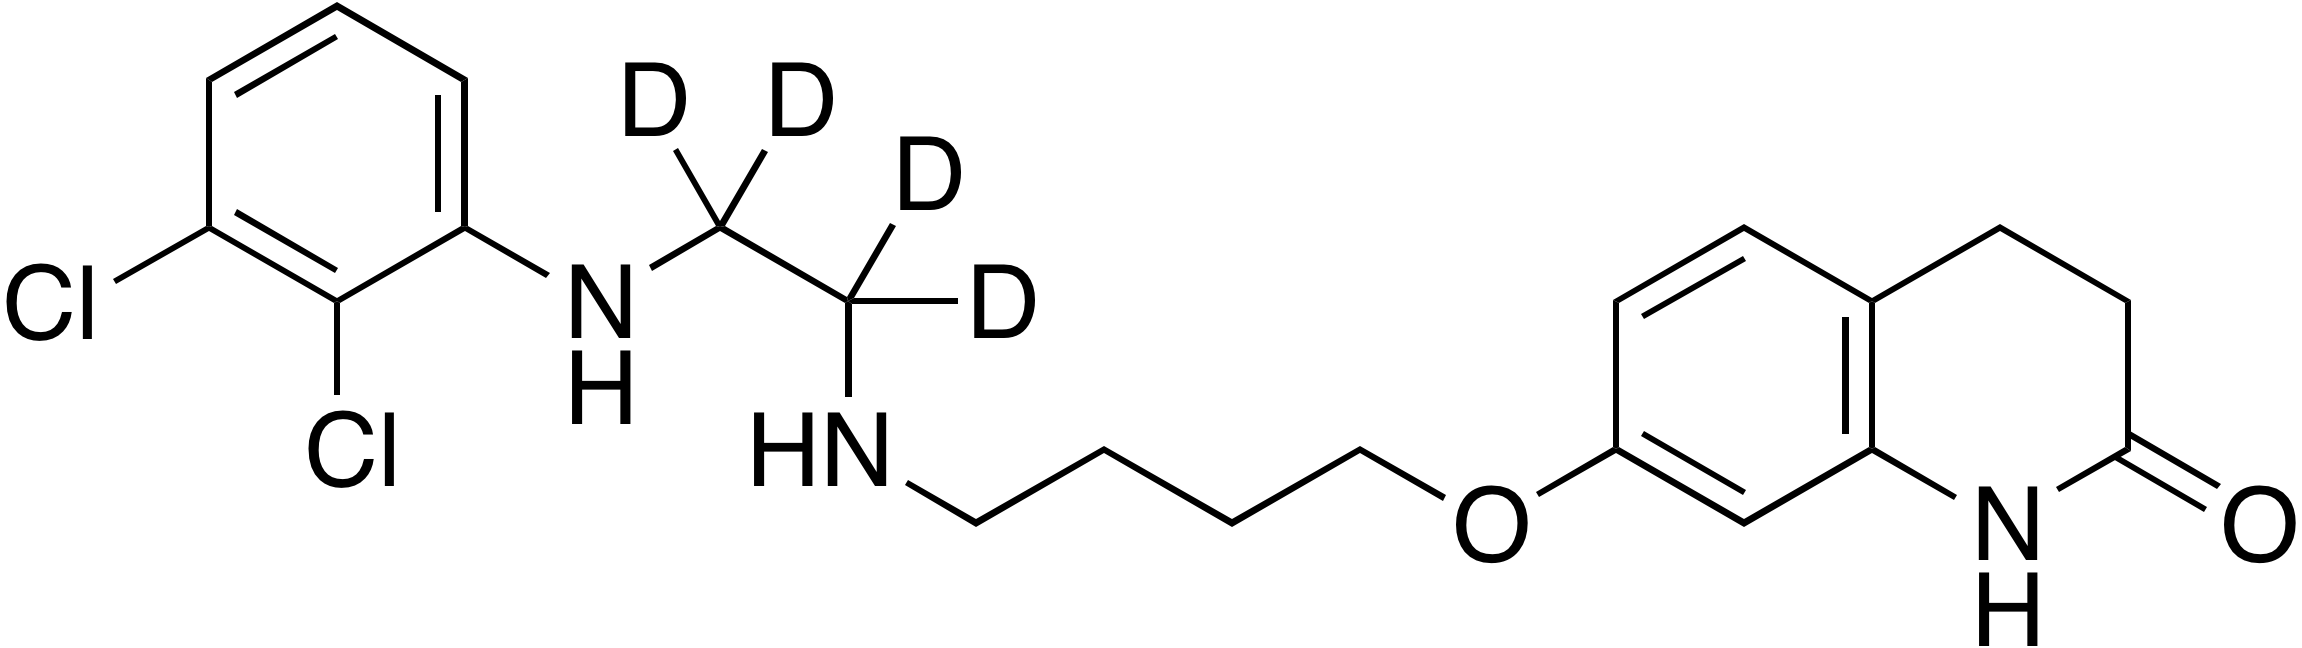 Aripiprazole desethylene-d<sub>4</sub> impurity